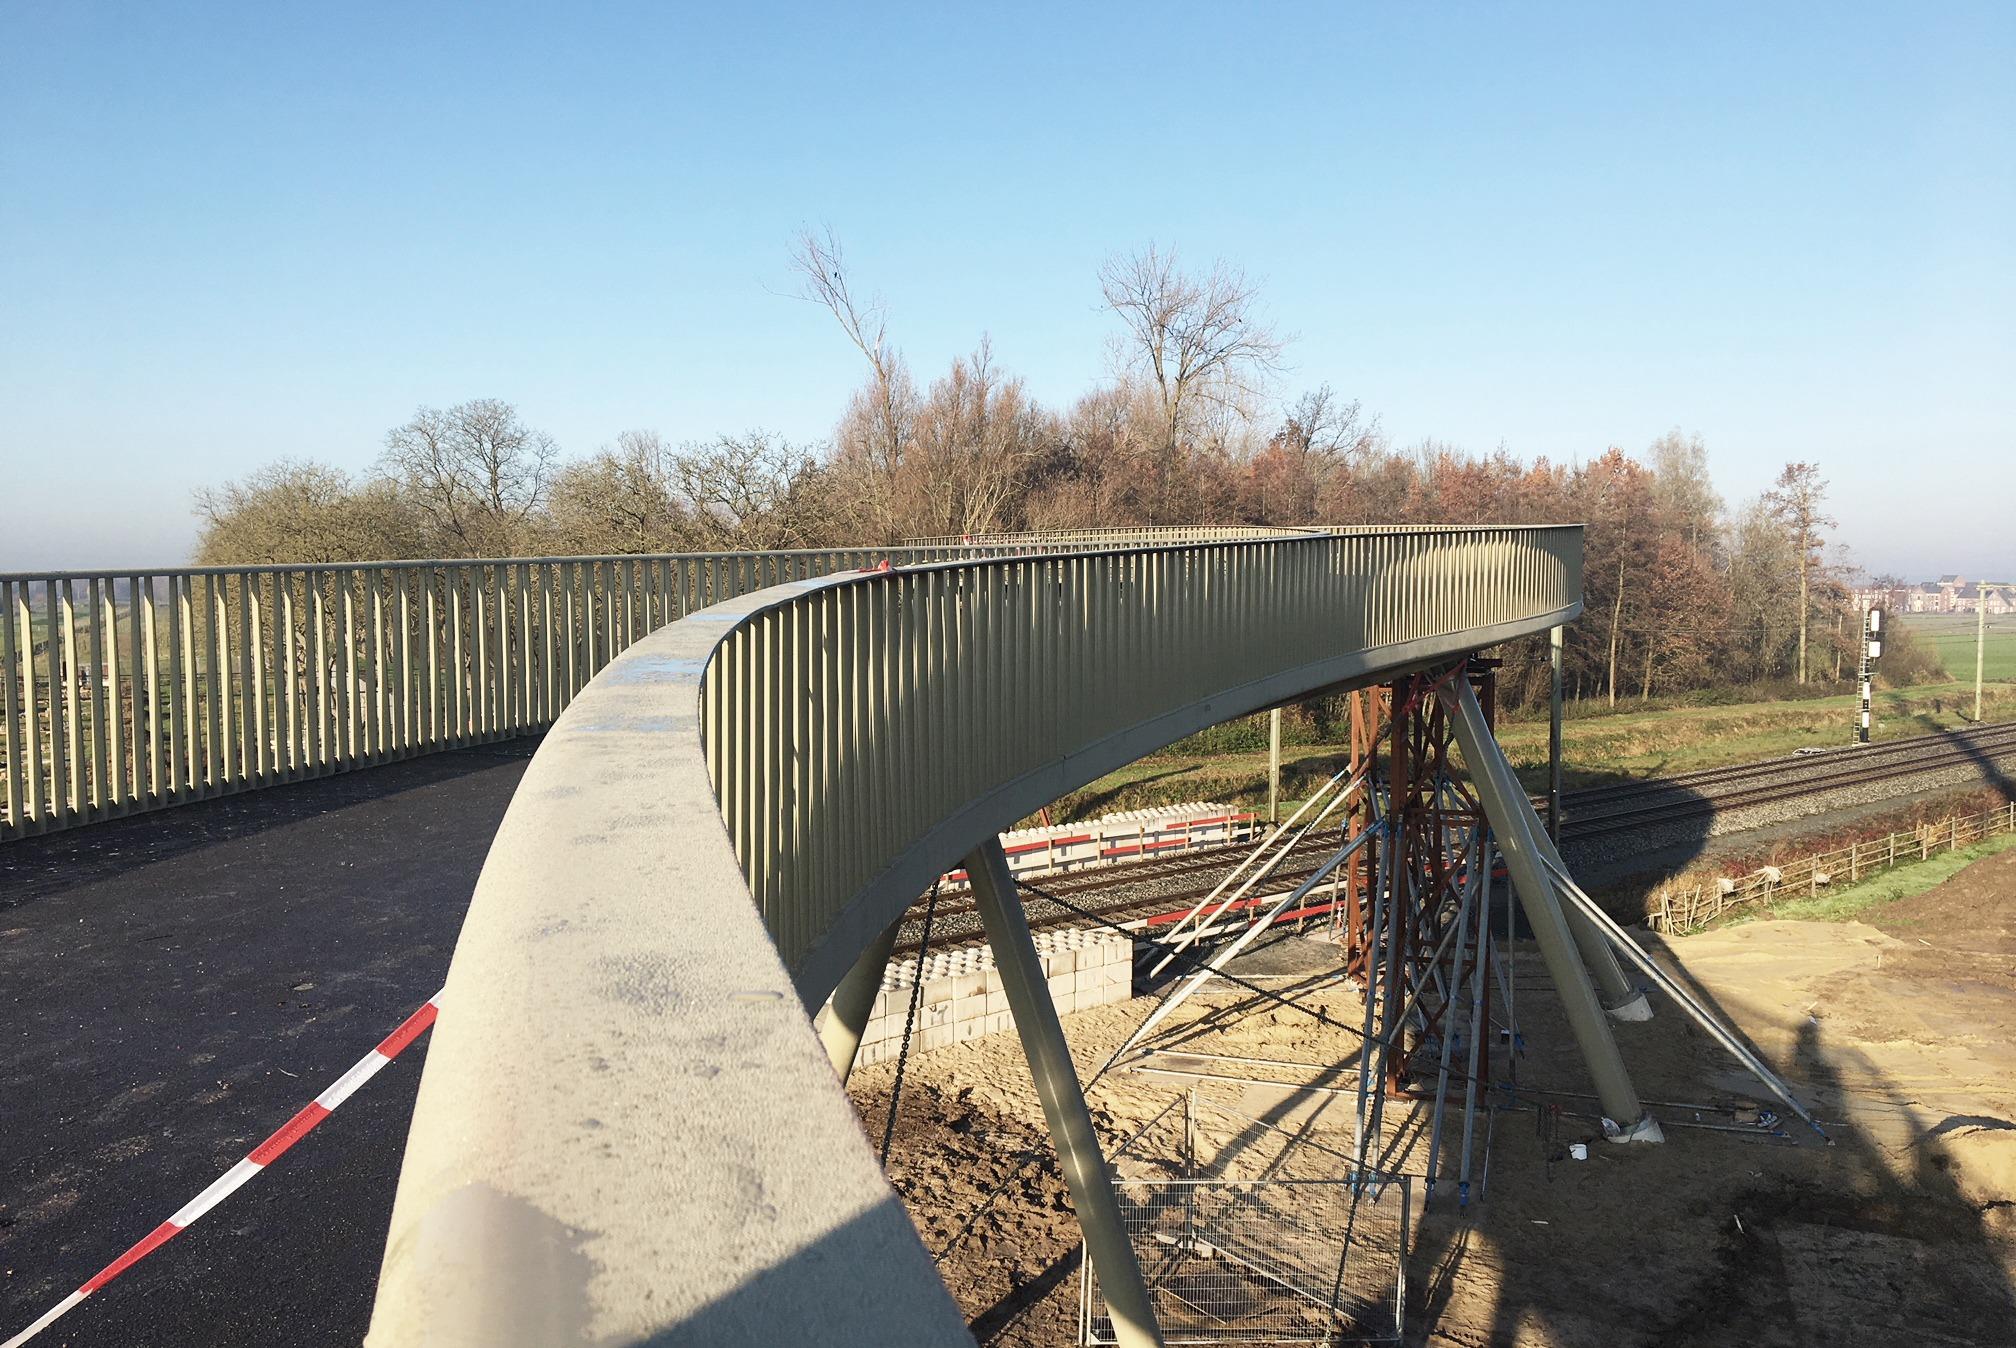 Bridge Lingezegen under construction